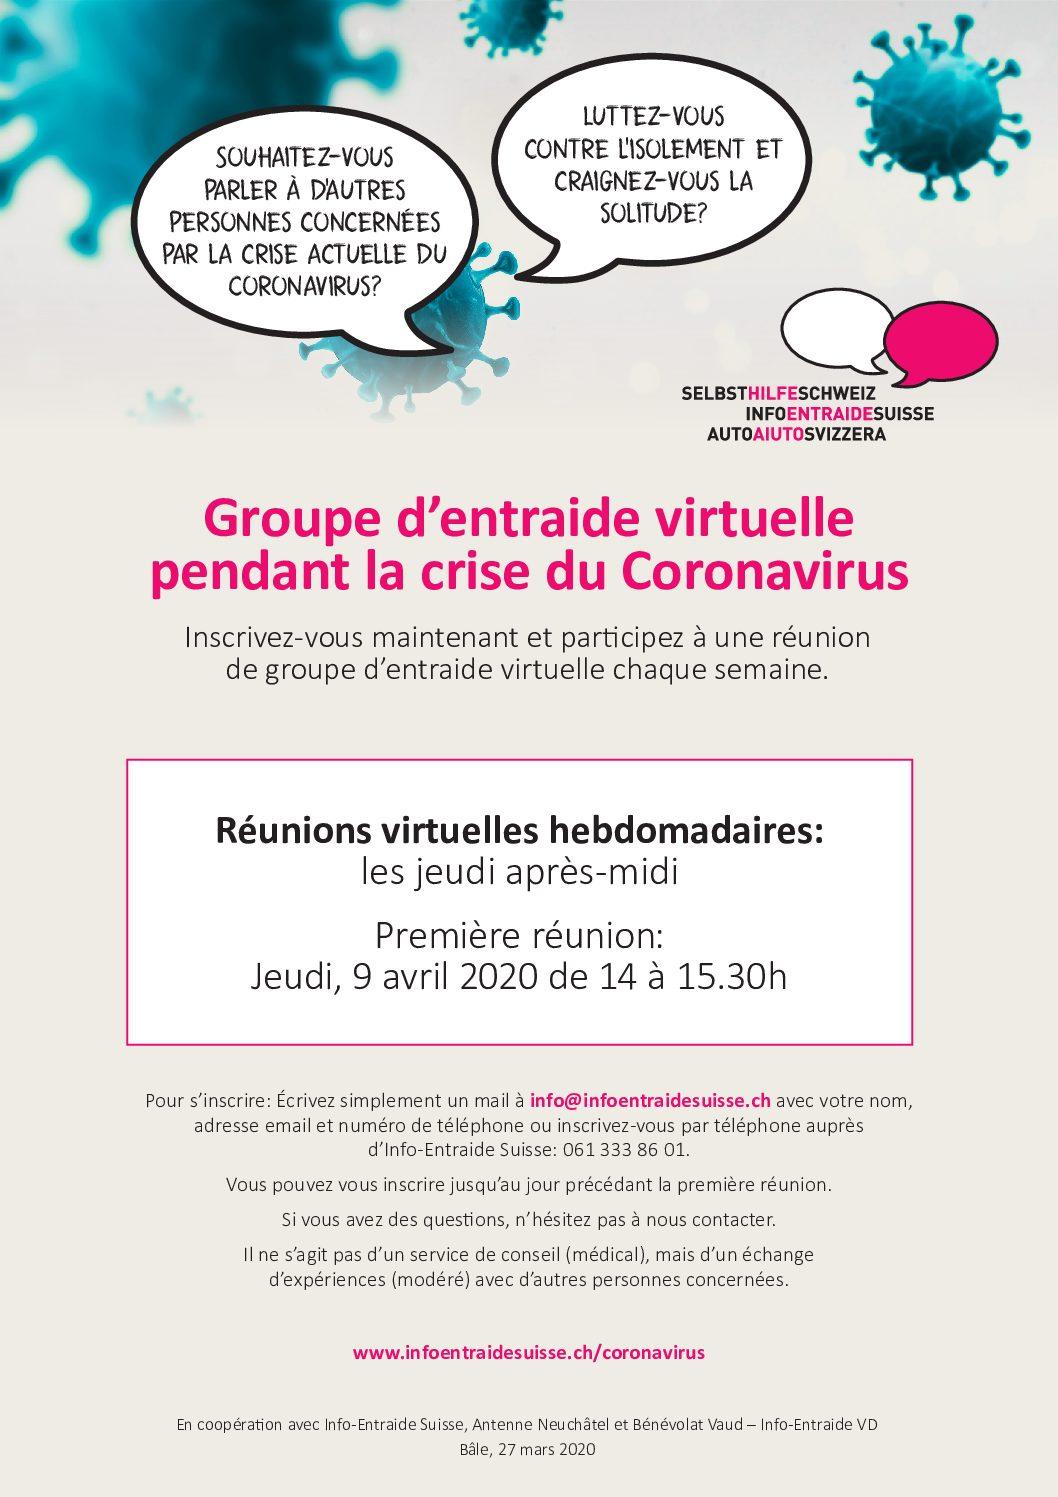 Info-Entraide Suisse | Groupe d'entraide virtuelle pendant la crise du Coronavirus